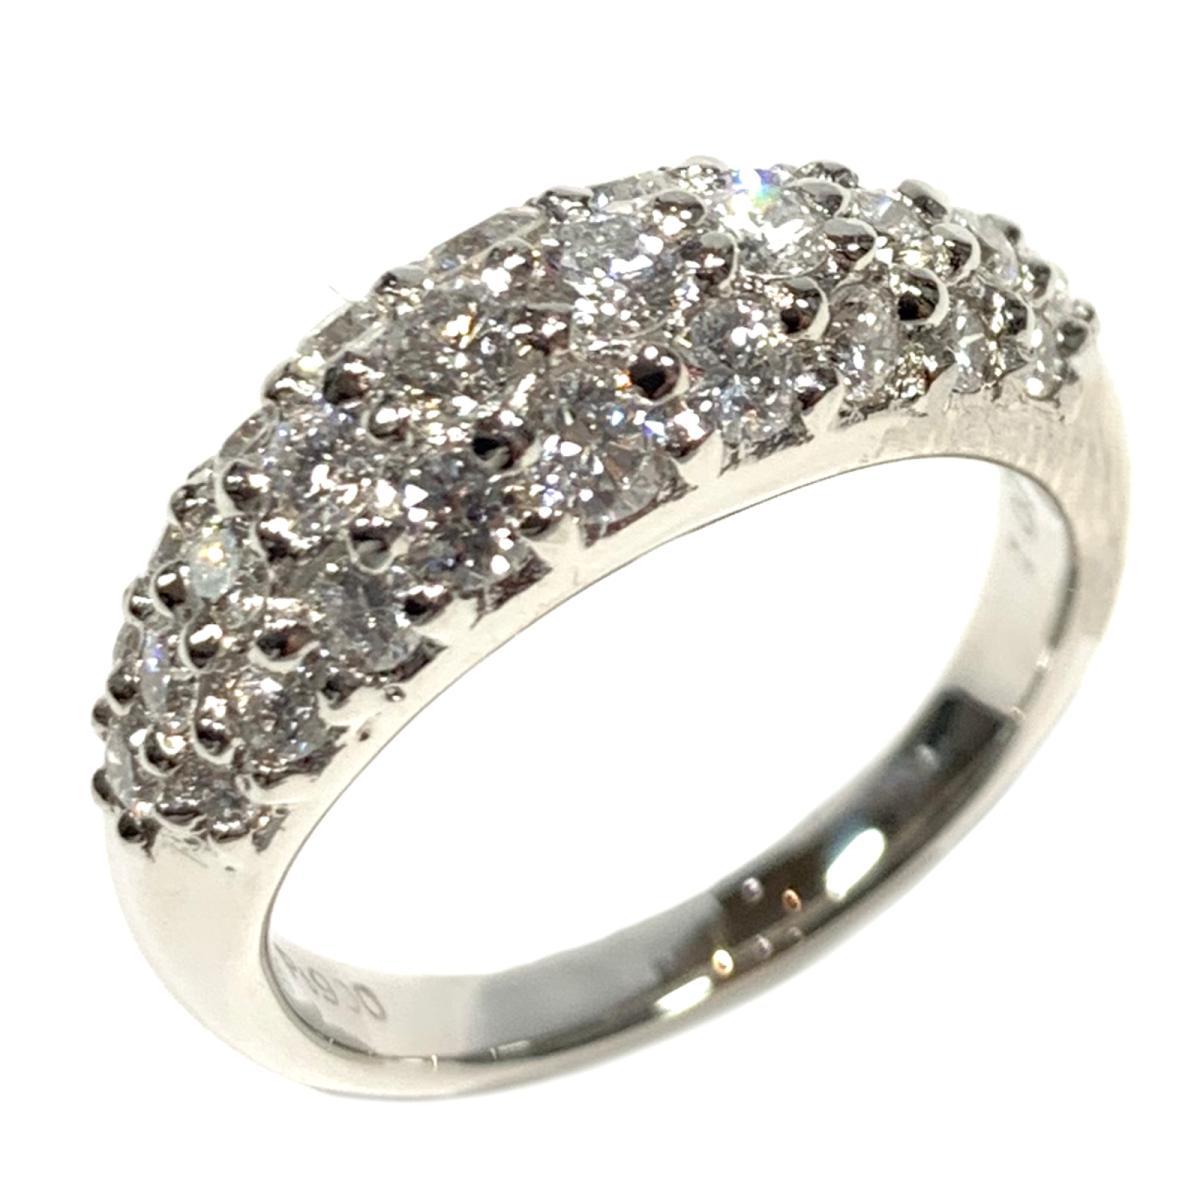 【中古】 ジュエリー ダイヤモンド リング 指輪 レディース PT900 プラチナ x 1.00ct シルバー | JEWELRY BRANDOFF ブランドオフ ブランド アクセサリー